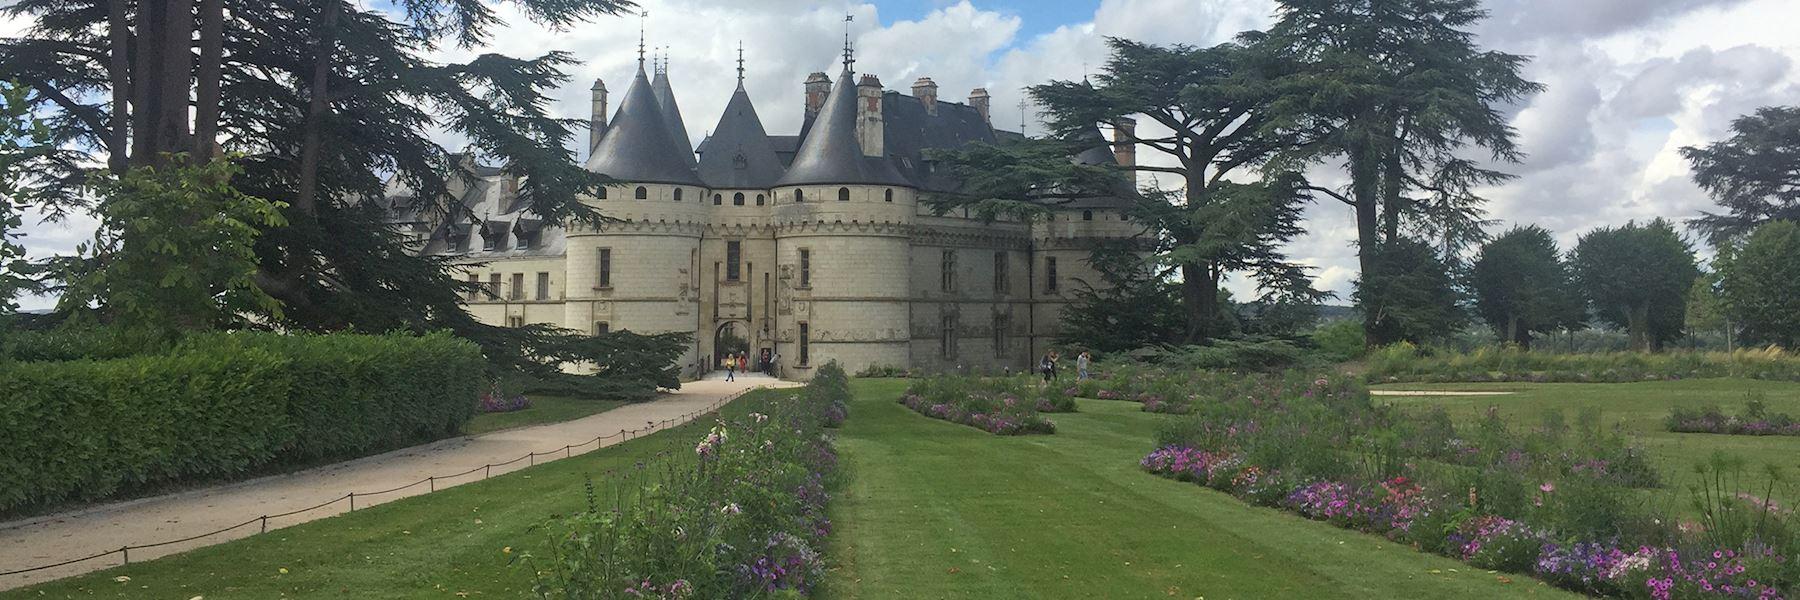 Visit Château de Chaumont-sur-Loire, France